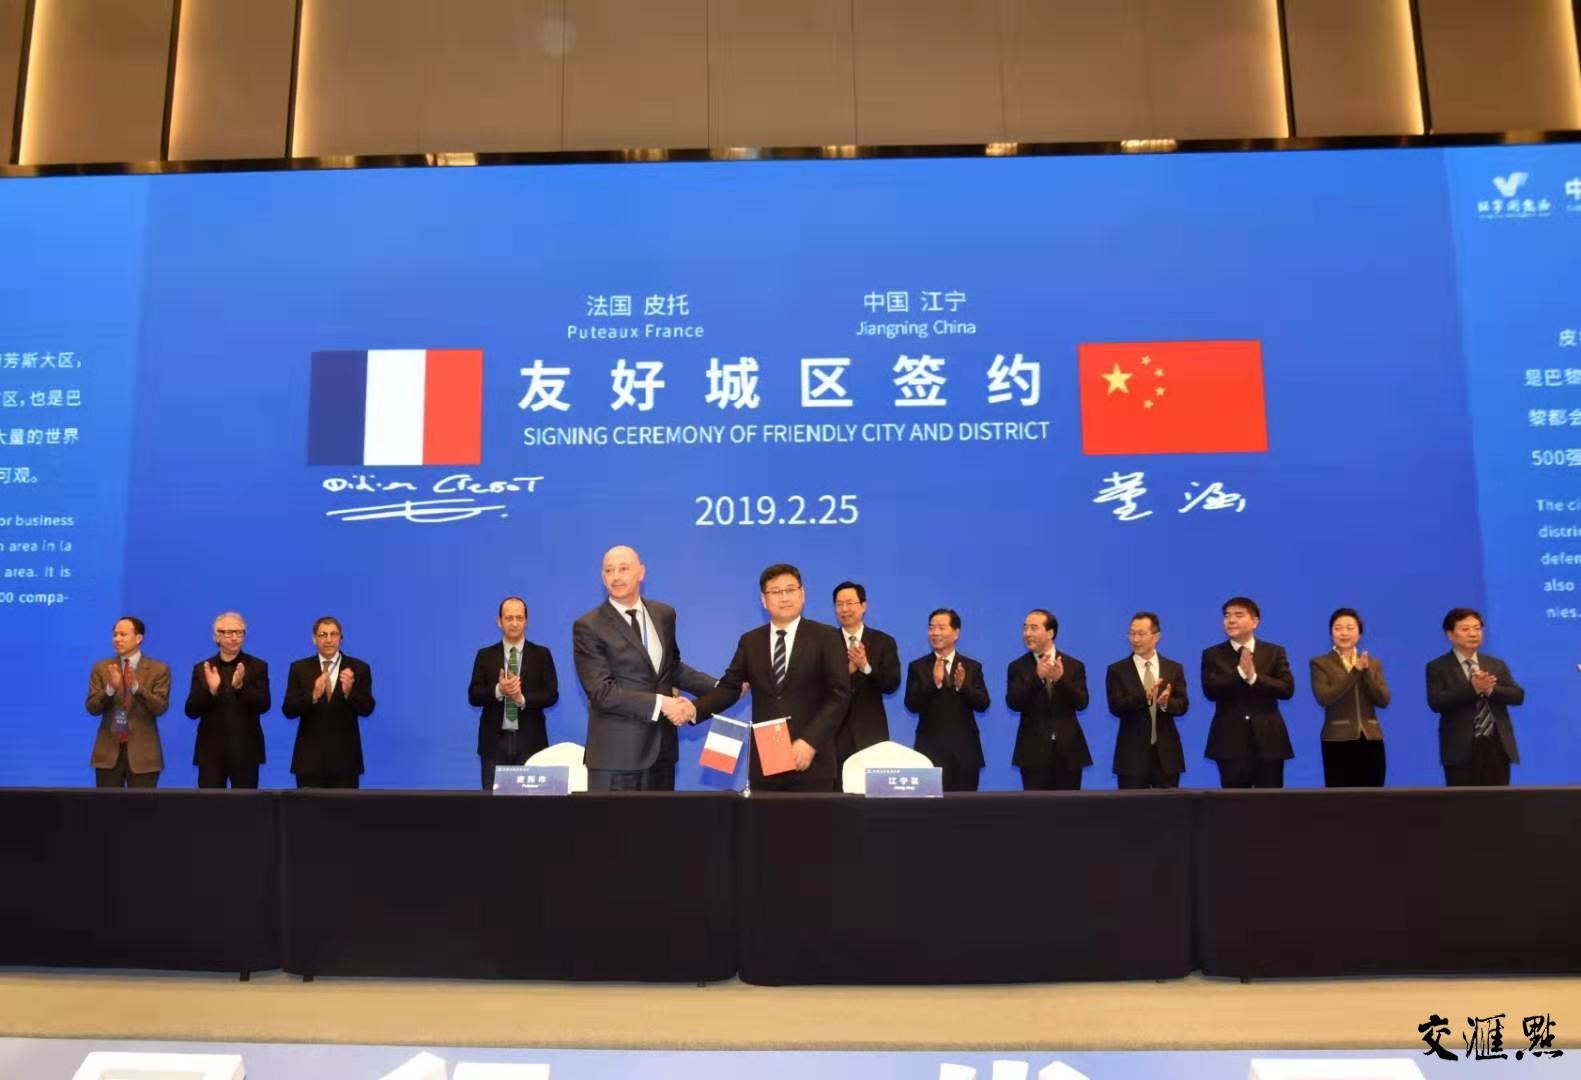 中欧创新合作大会 俄科学家在南京领到营业执照